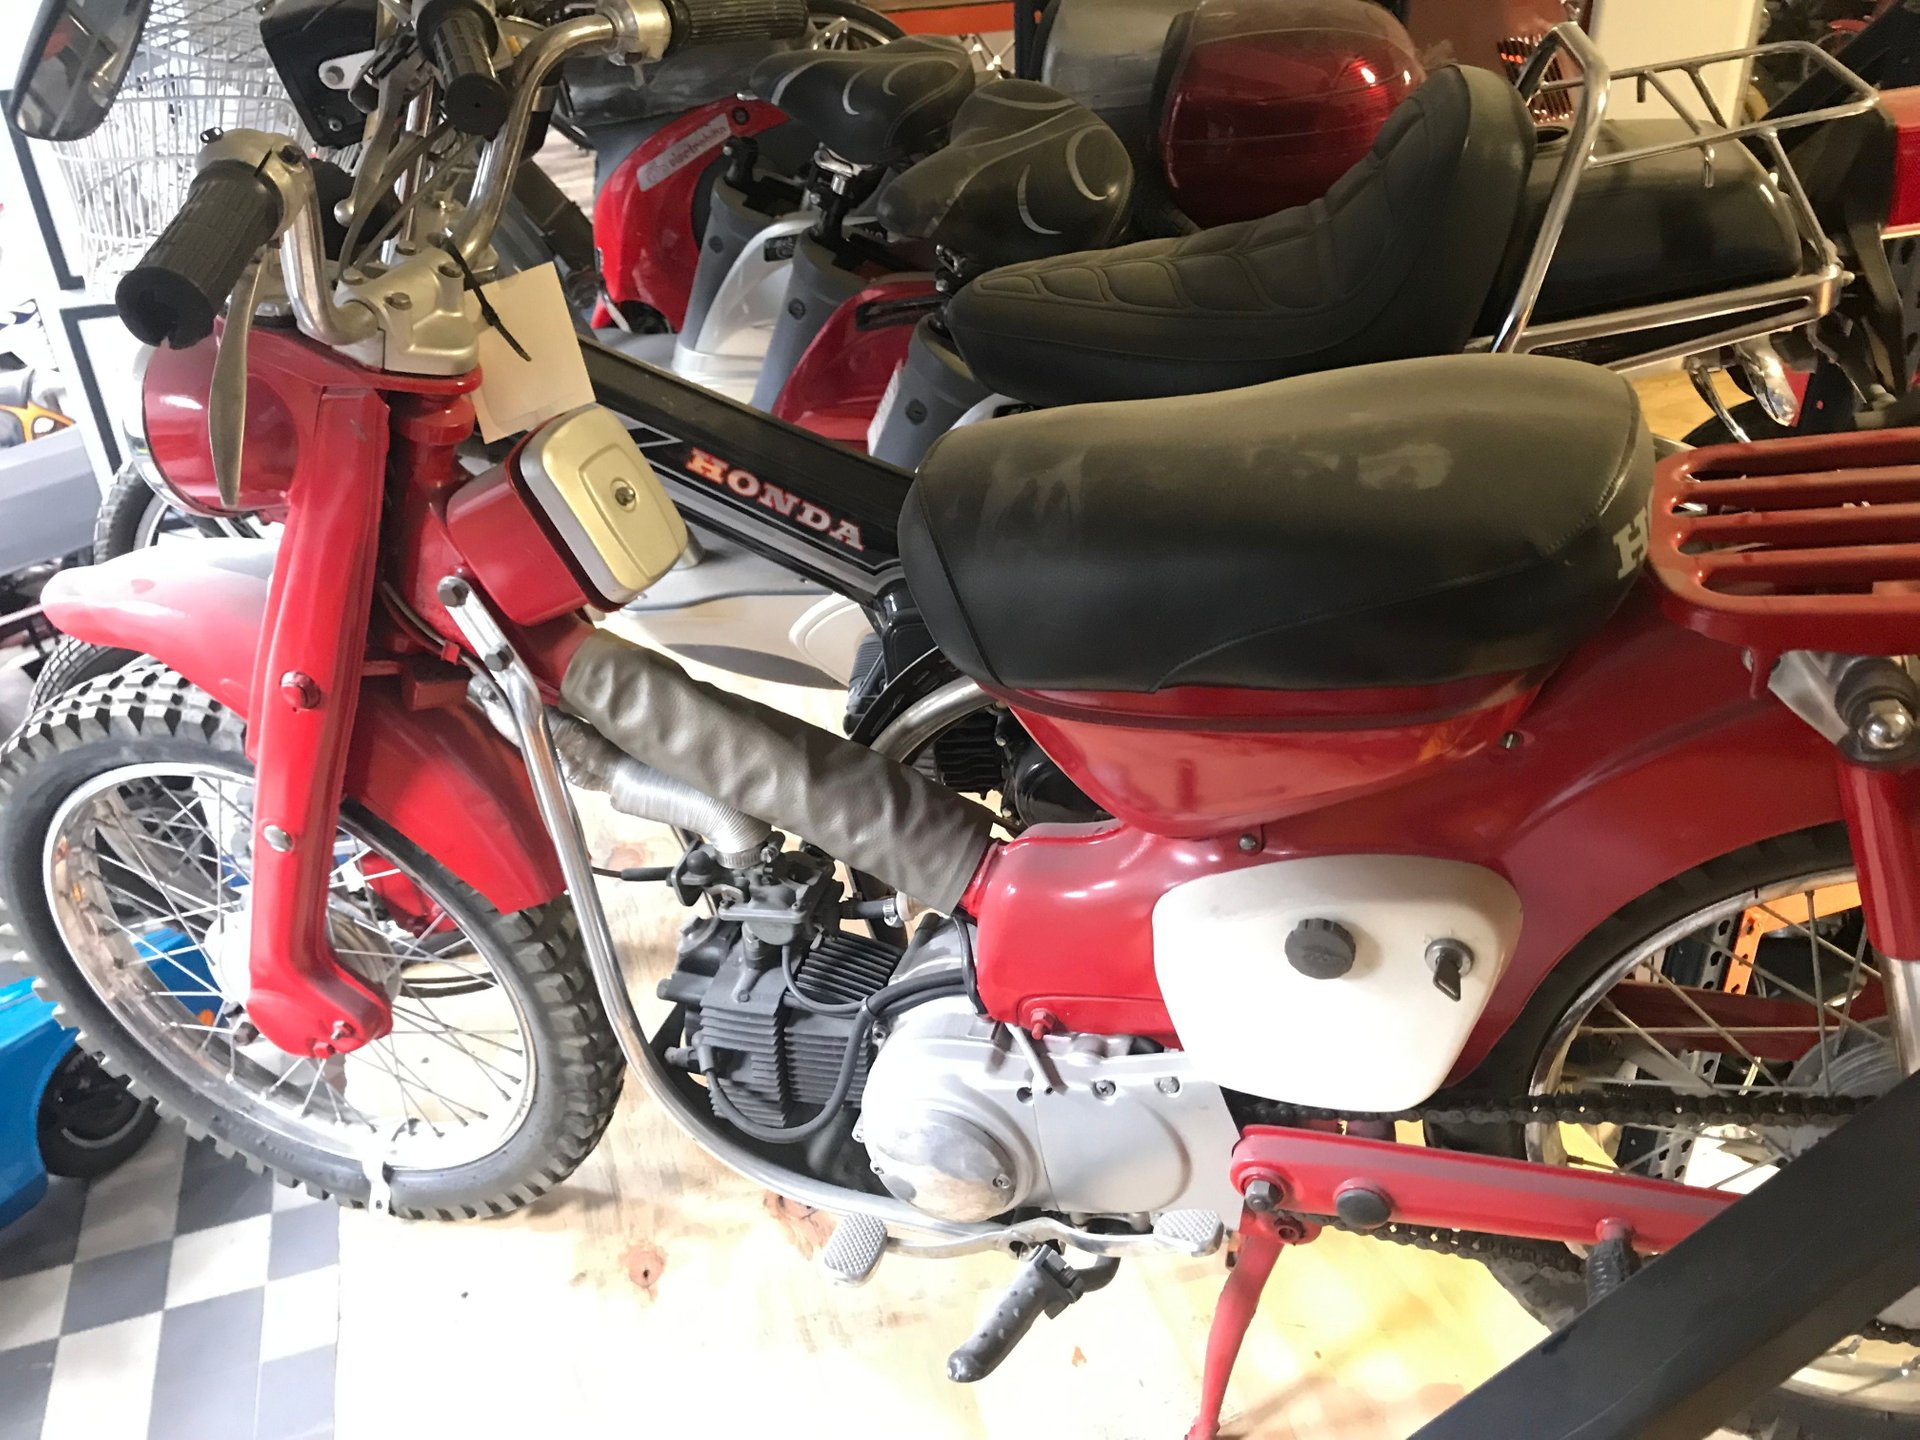 1965 honda 90 ct 200